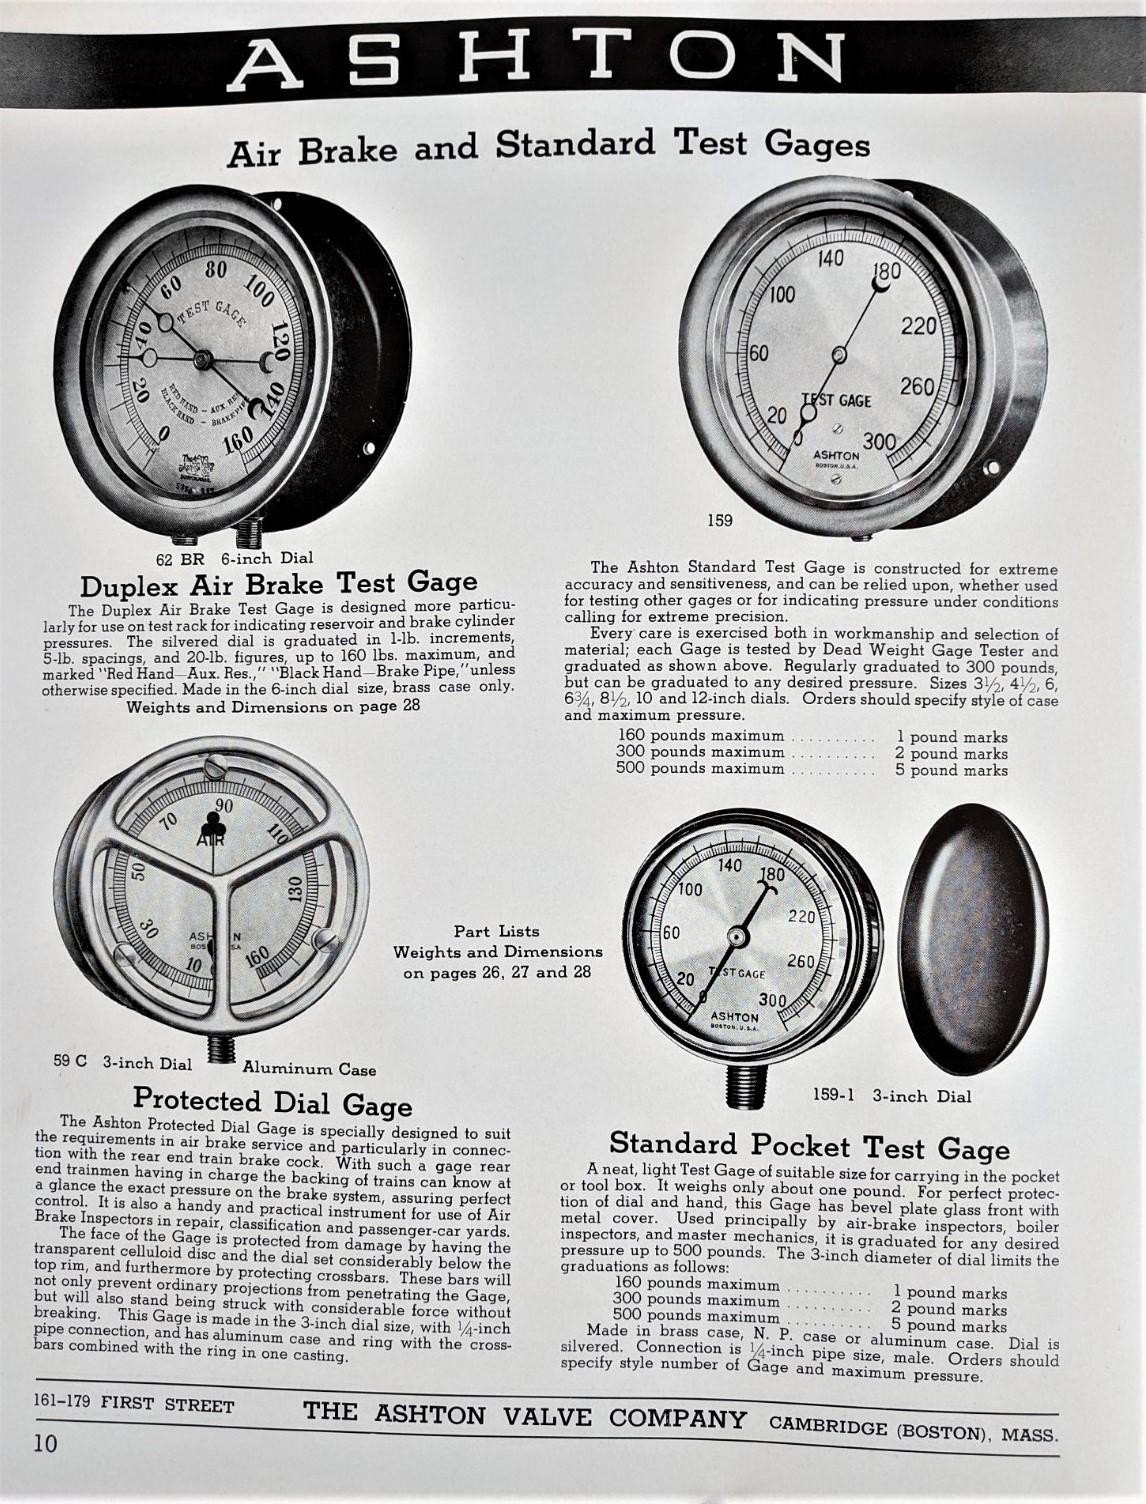 Ashton gage catalog 1941    10.jpg